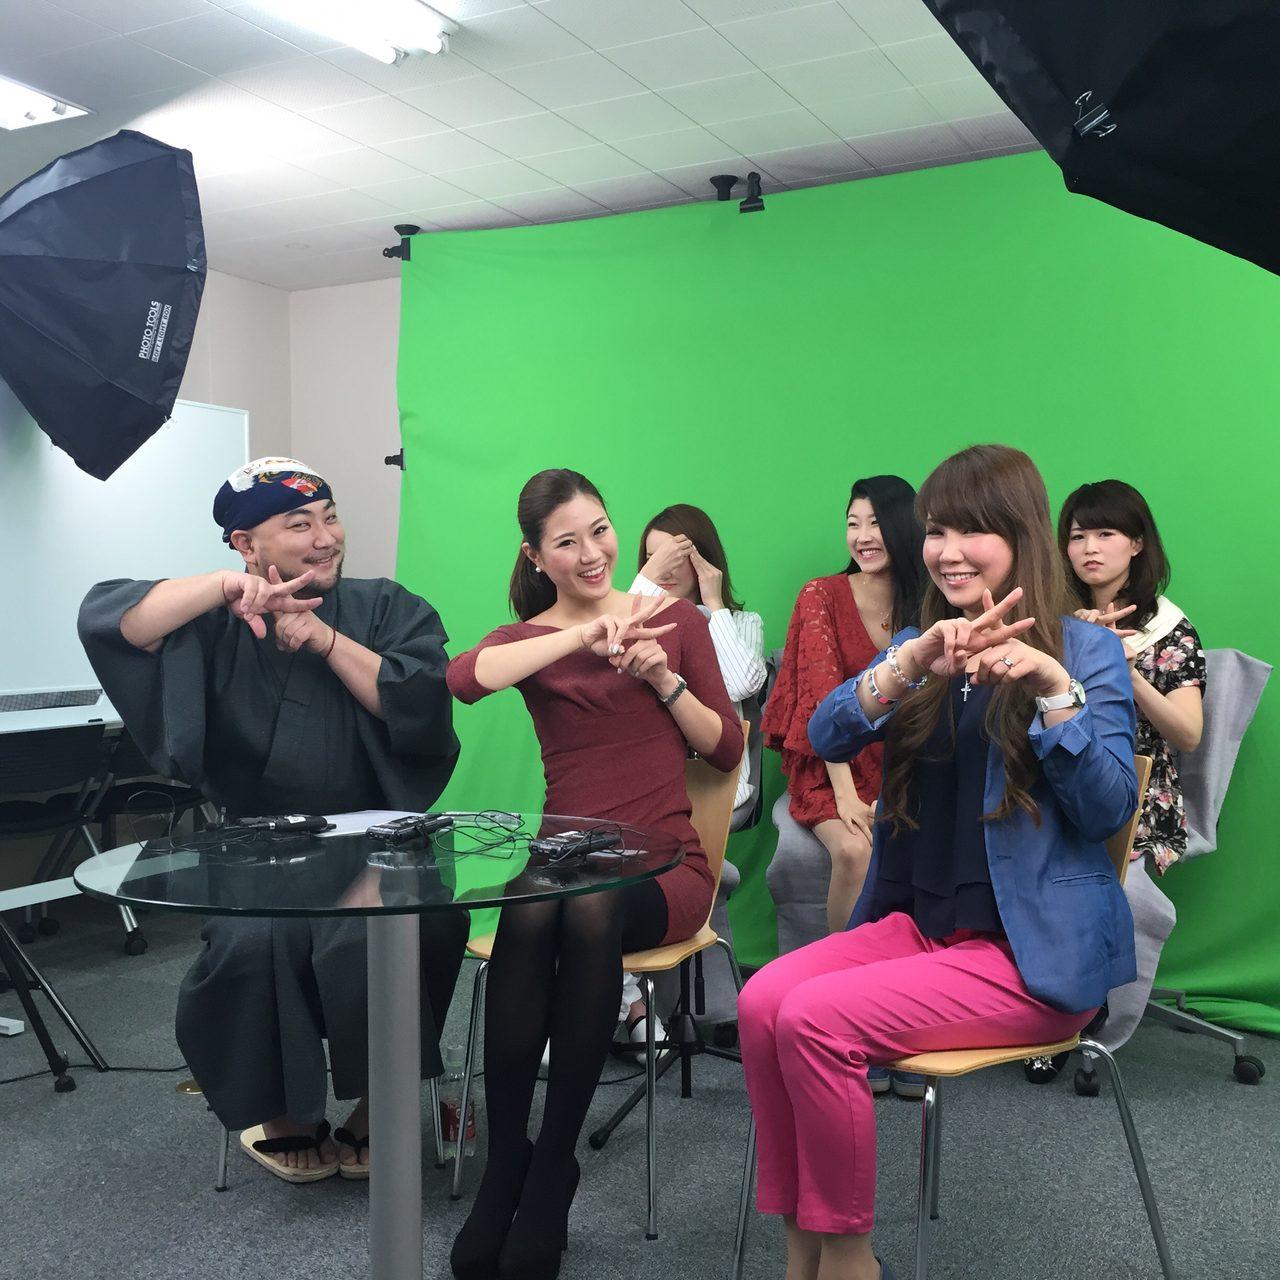 画像: 左から、人間だもの、黒須さおり、隠れてるのが三上玲菜、前田晴香、ゲストのサラさん、白石みゆ